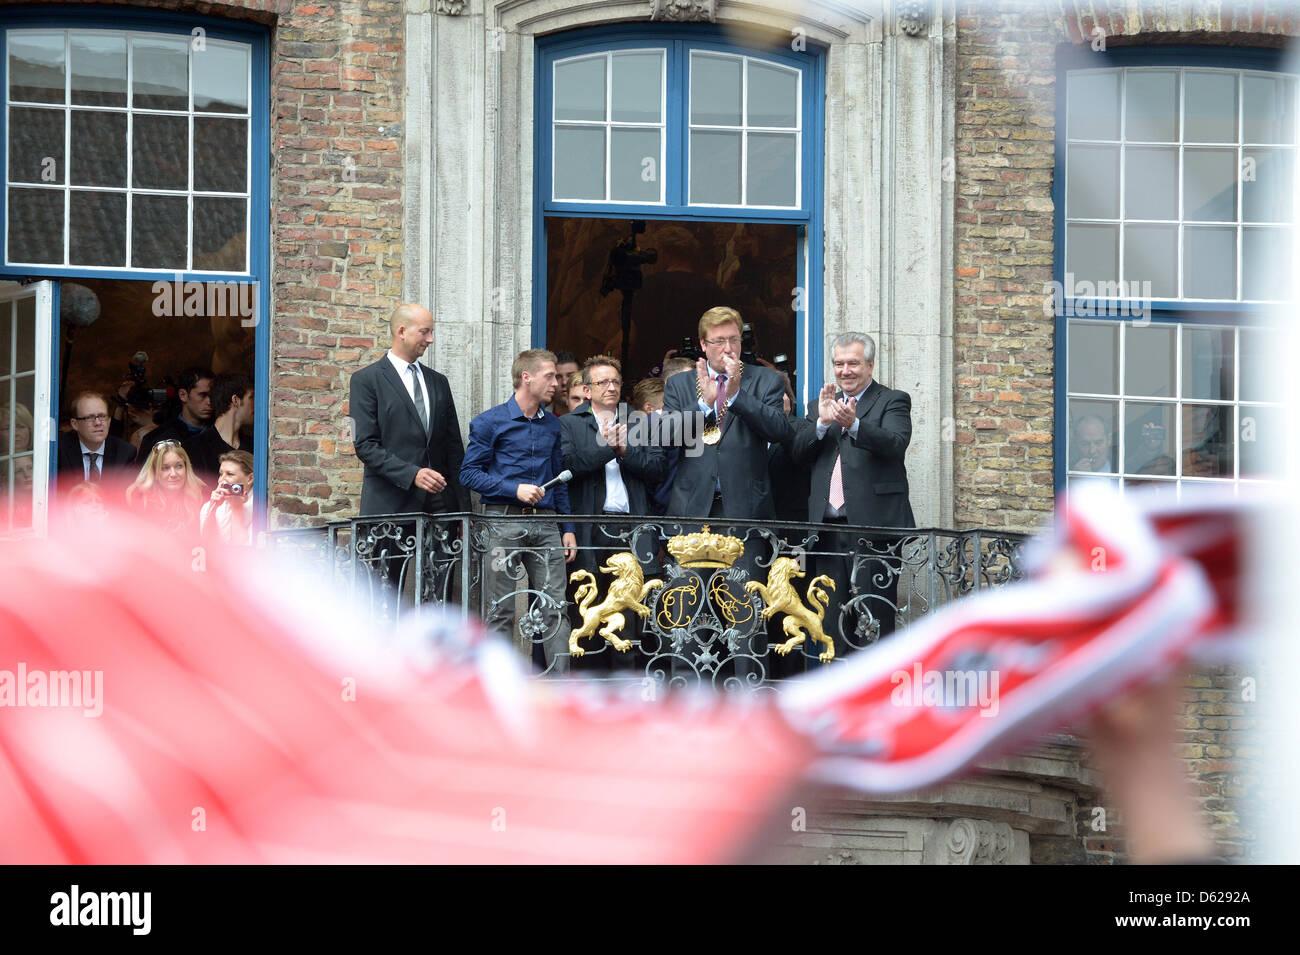 Duesseldorf's head coach Norbert Meier (C) se encuentra en el balcón del ayuntamiento de la ciudad y celebra Imagen De Stock